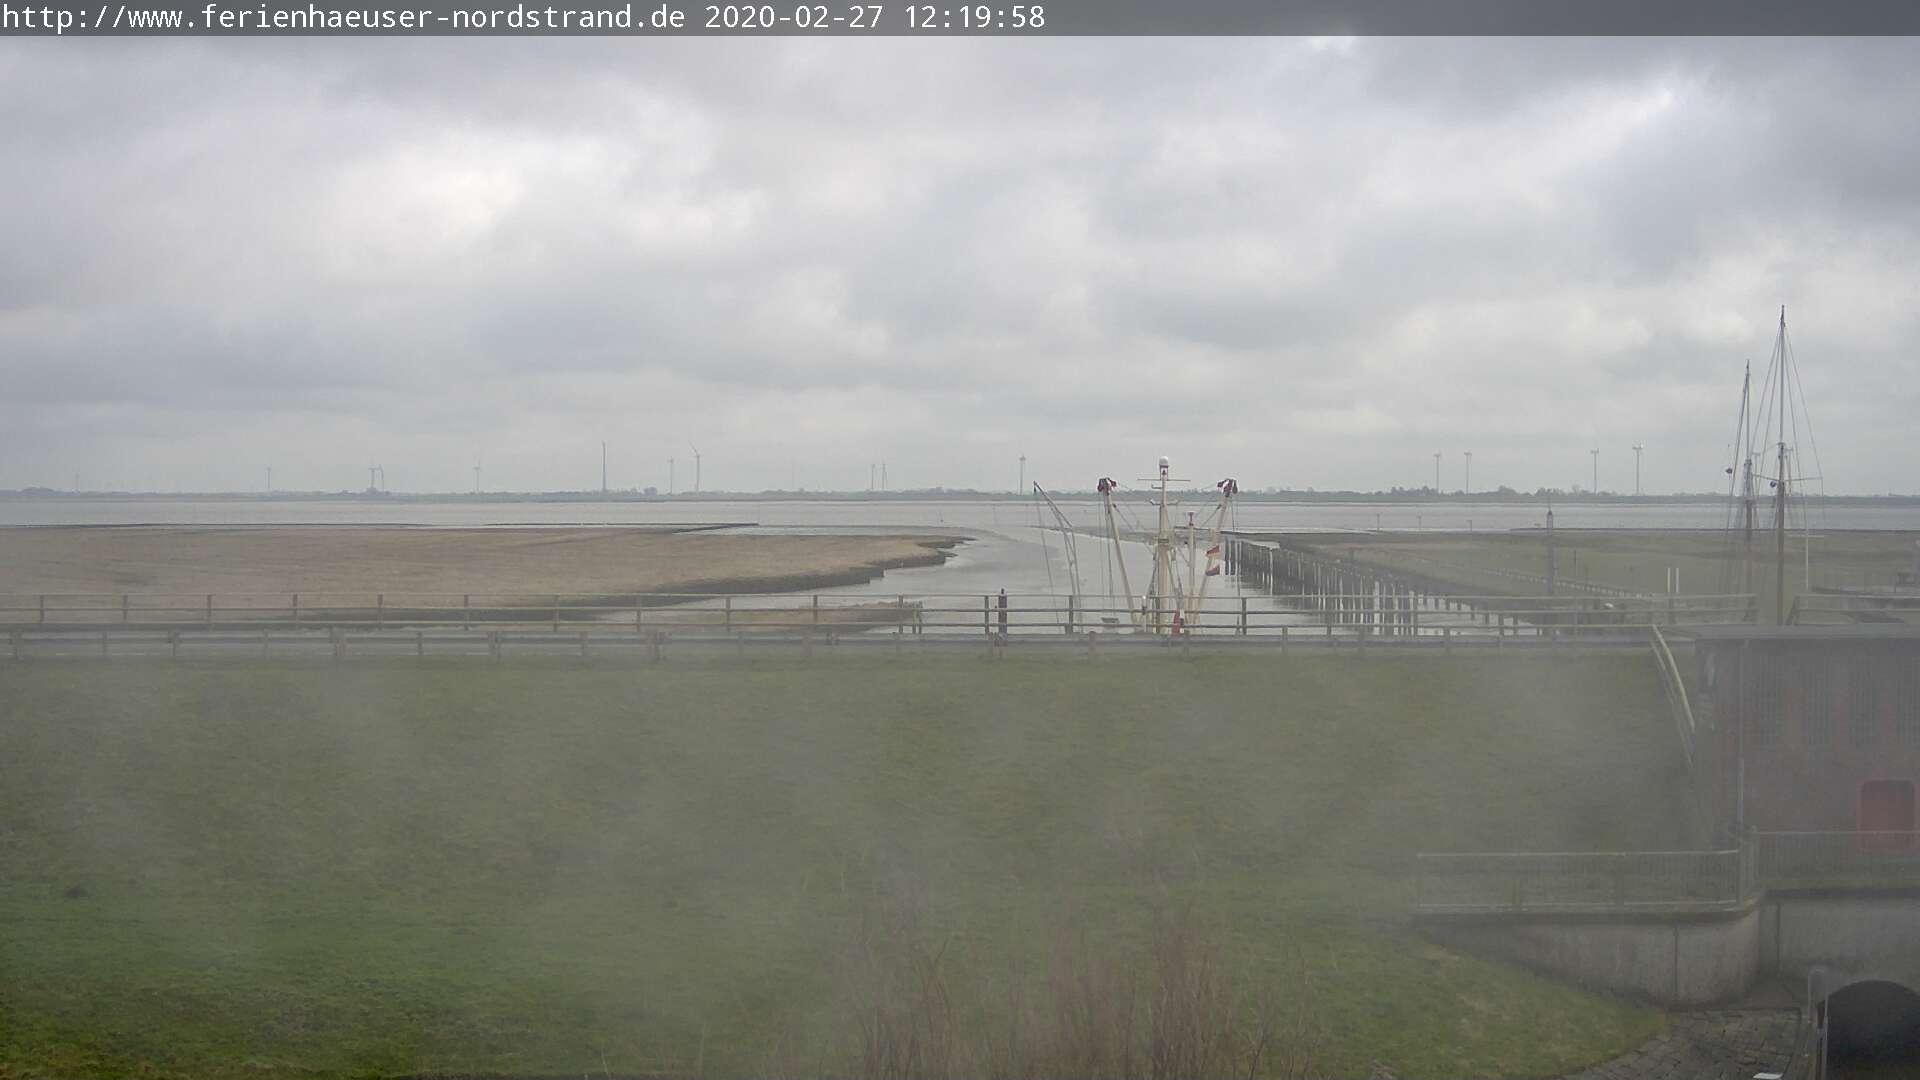 Webcam Nordstrand Süderhafen